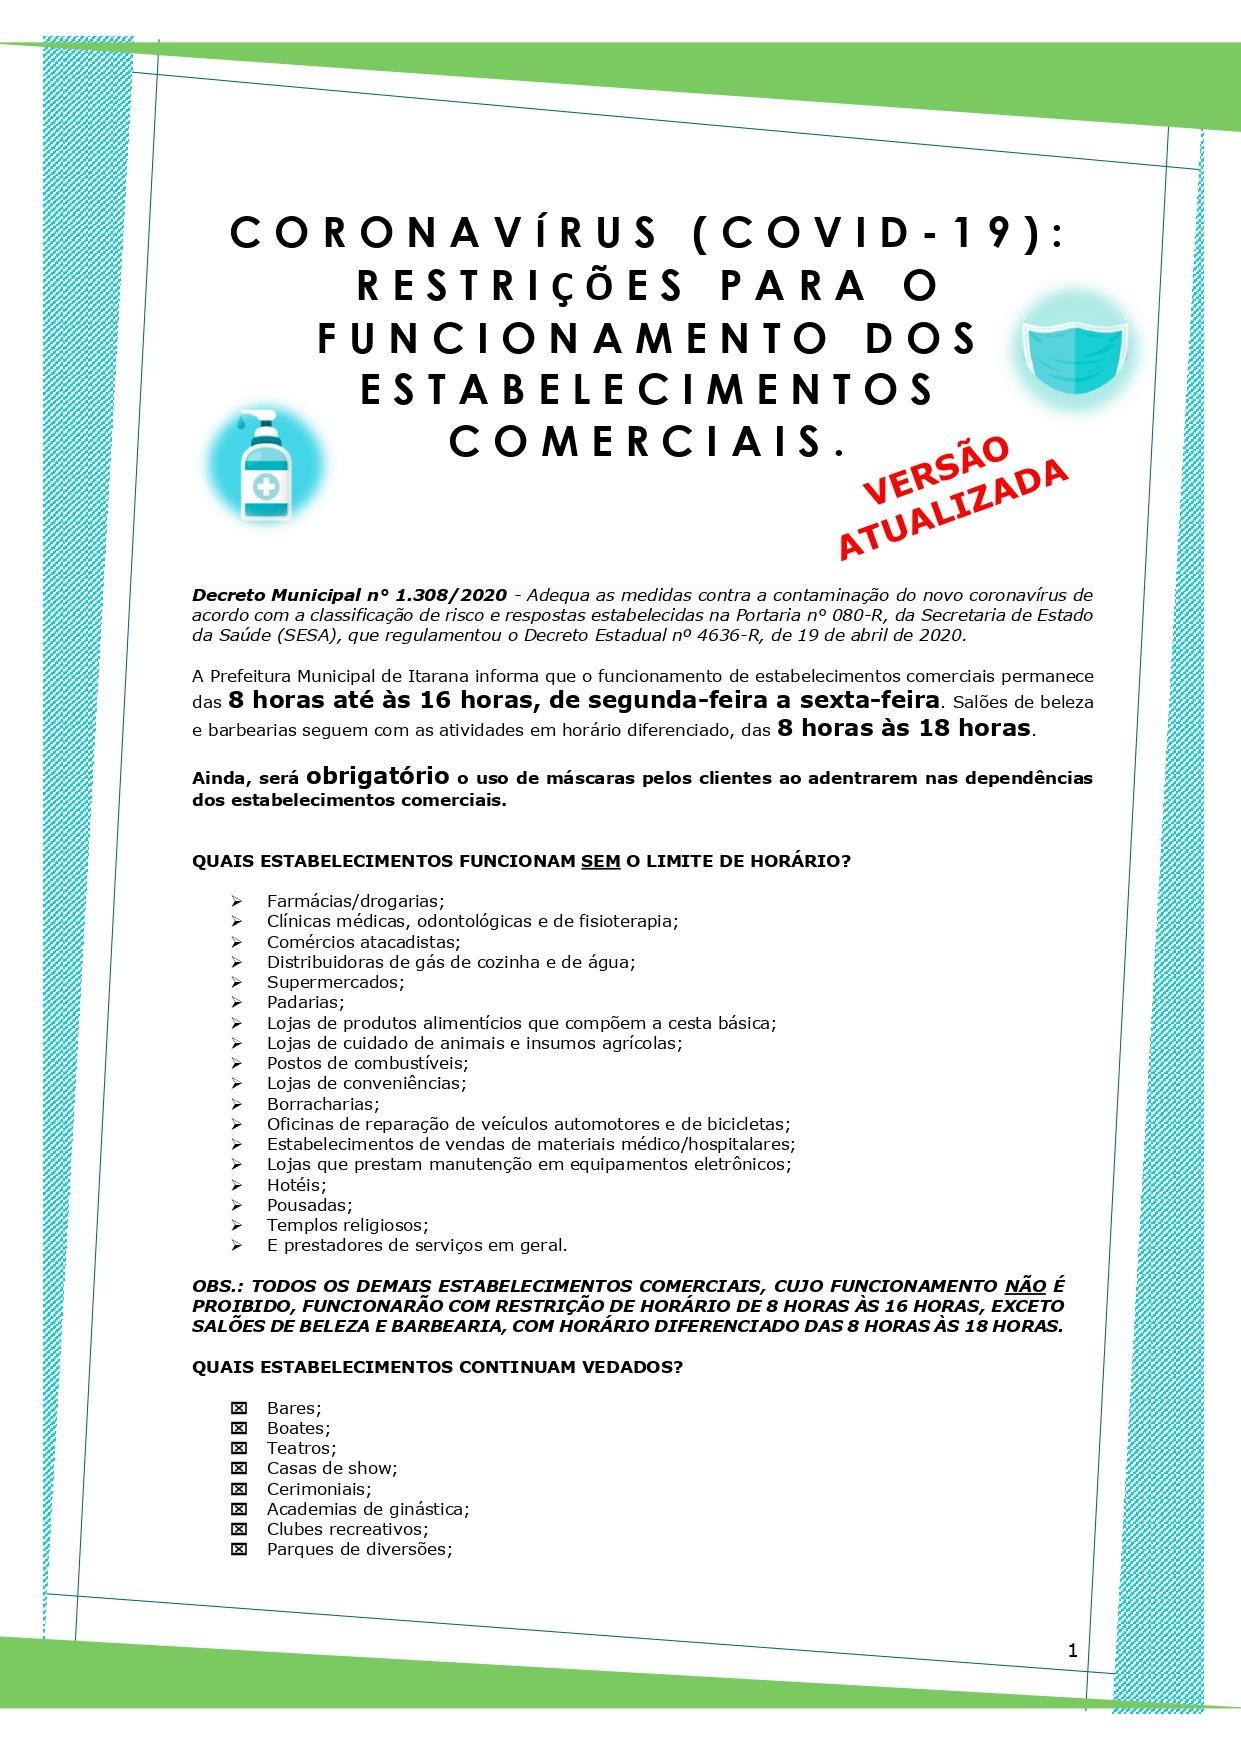 Coronavírus (COVID-19): Versão atualizada da cartilha de orientação sobre o funcionamento dos estabelecimentos comerciais é disponibilizada